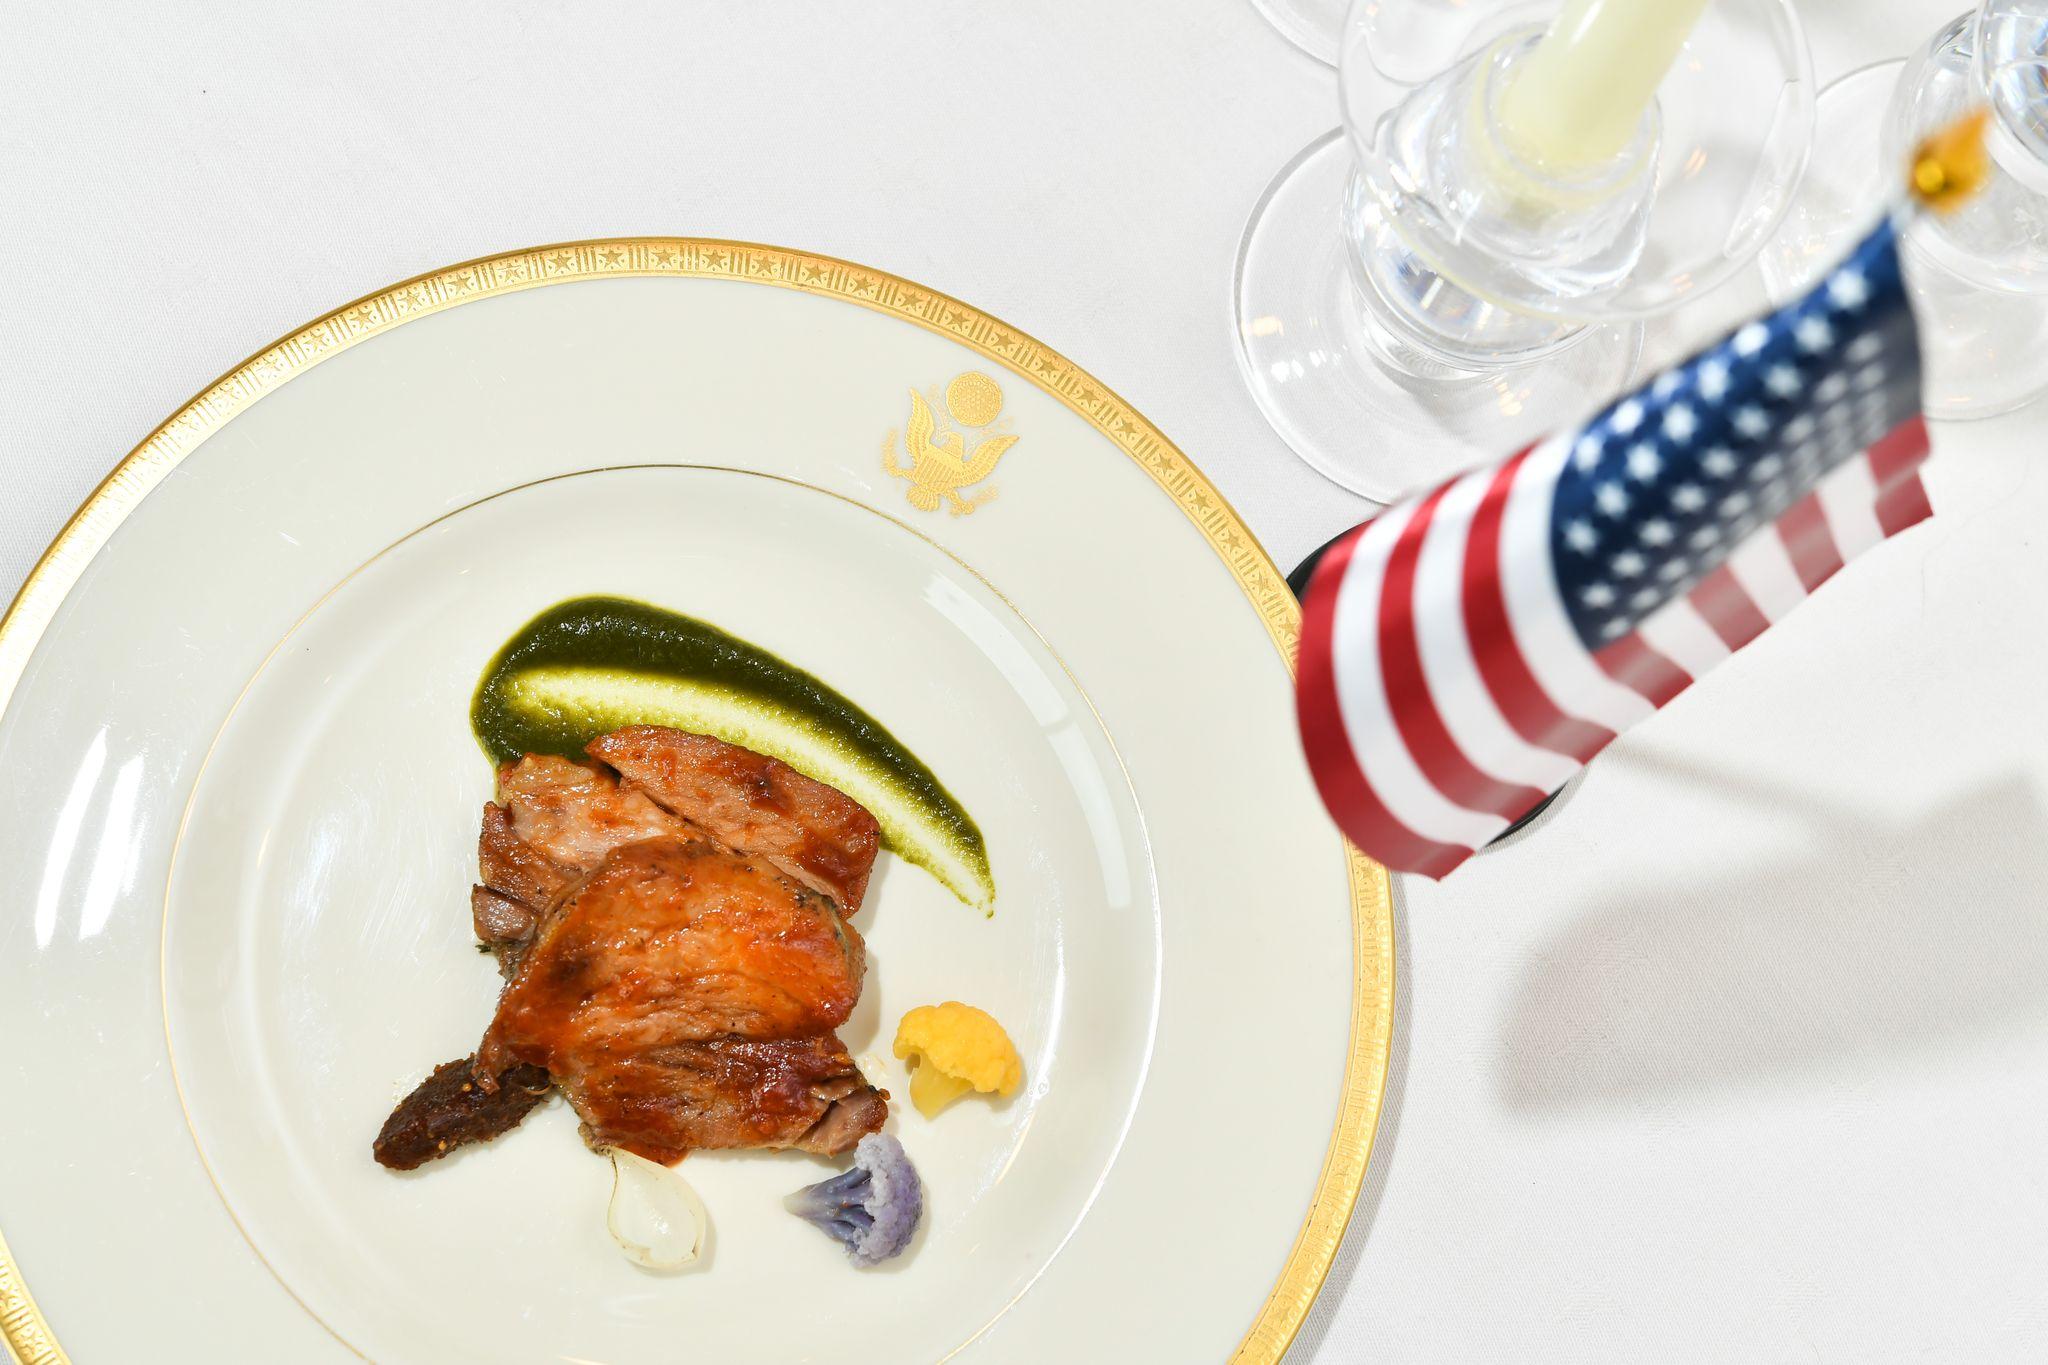 Delicious USA